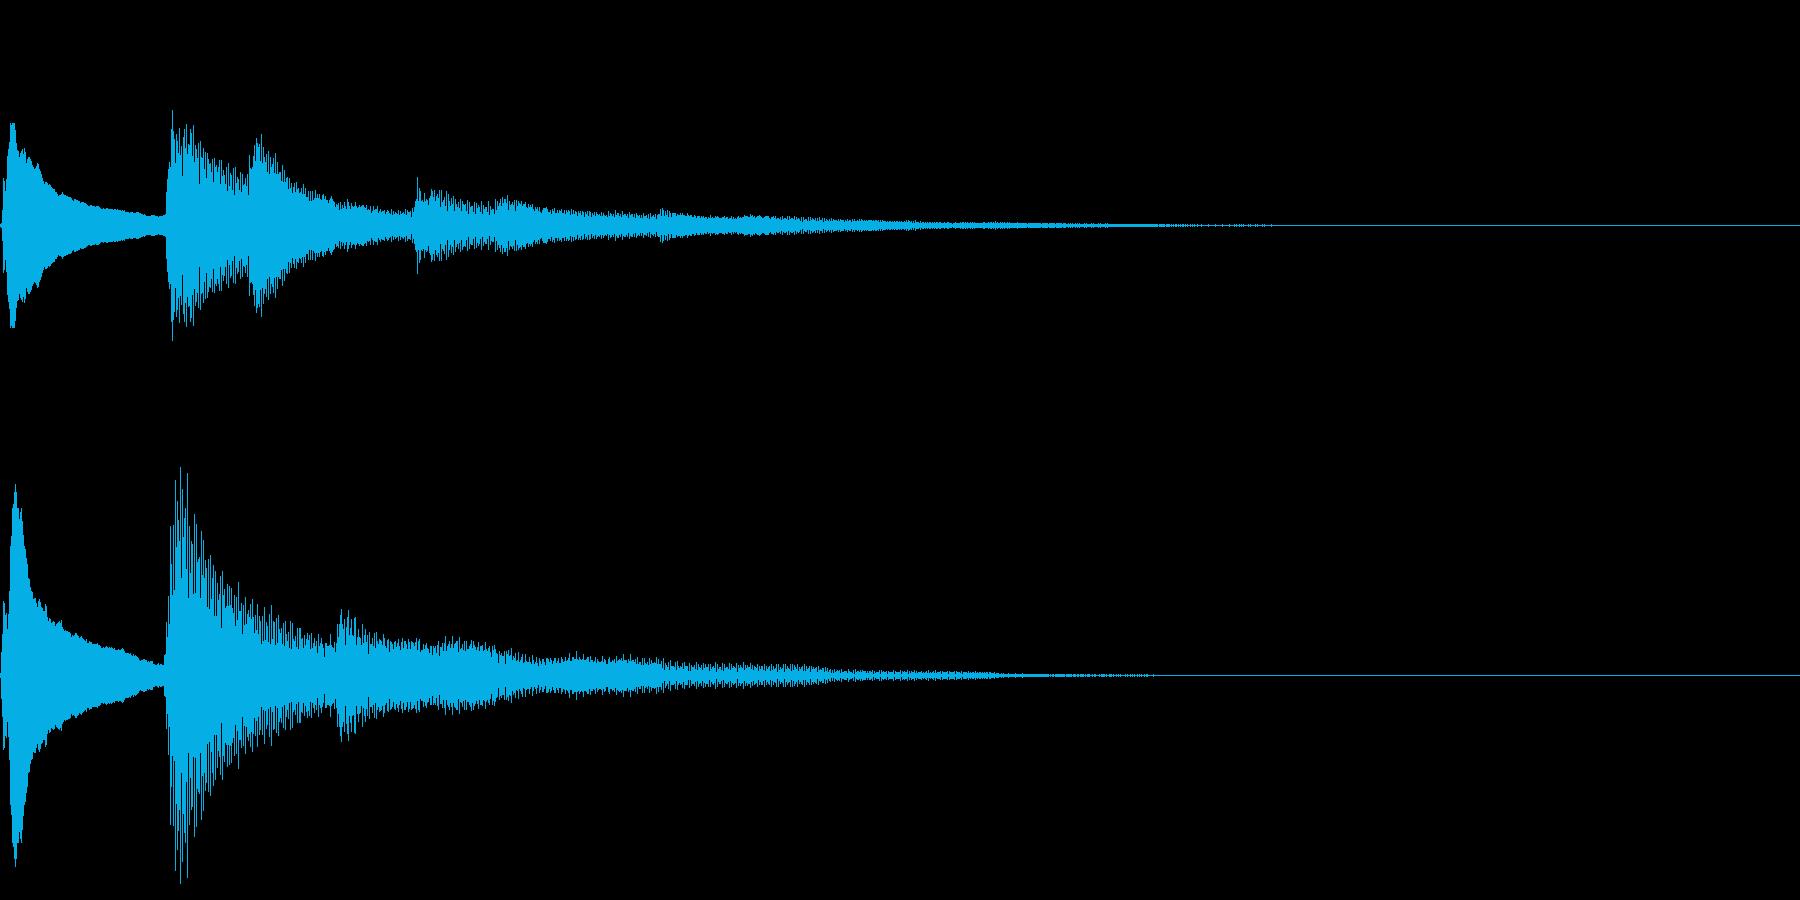 綺麗なピアノ音/回復/アンビエント/和音の再生済みの波形